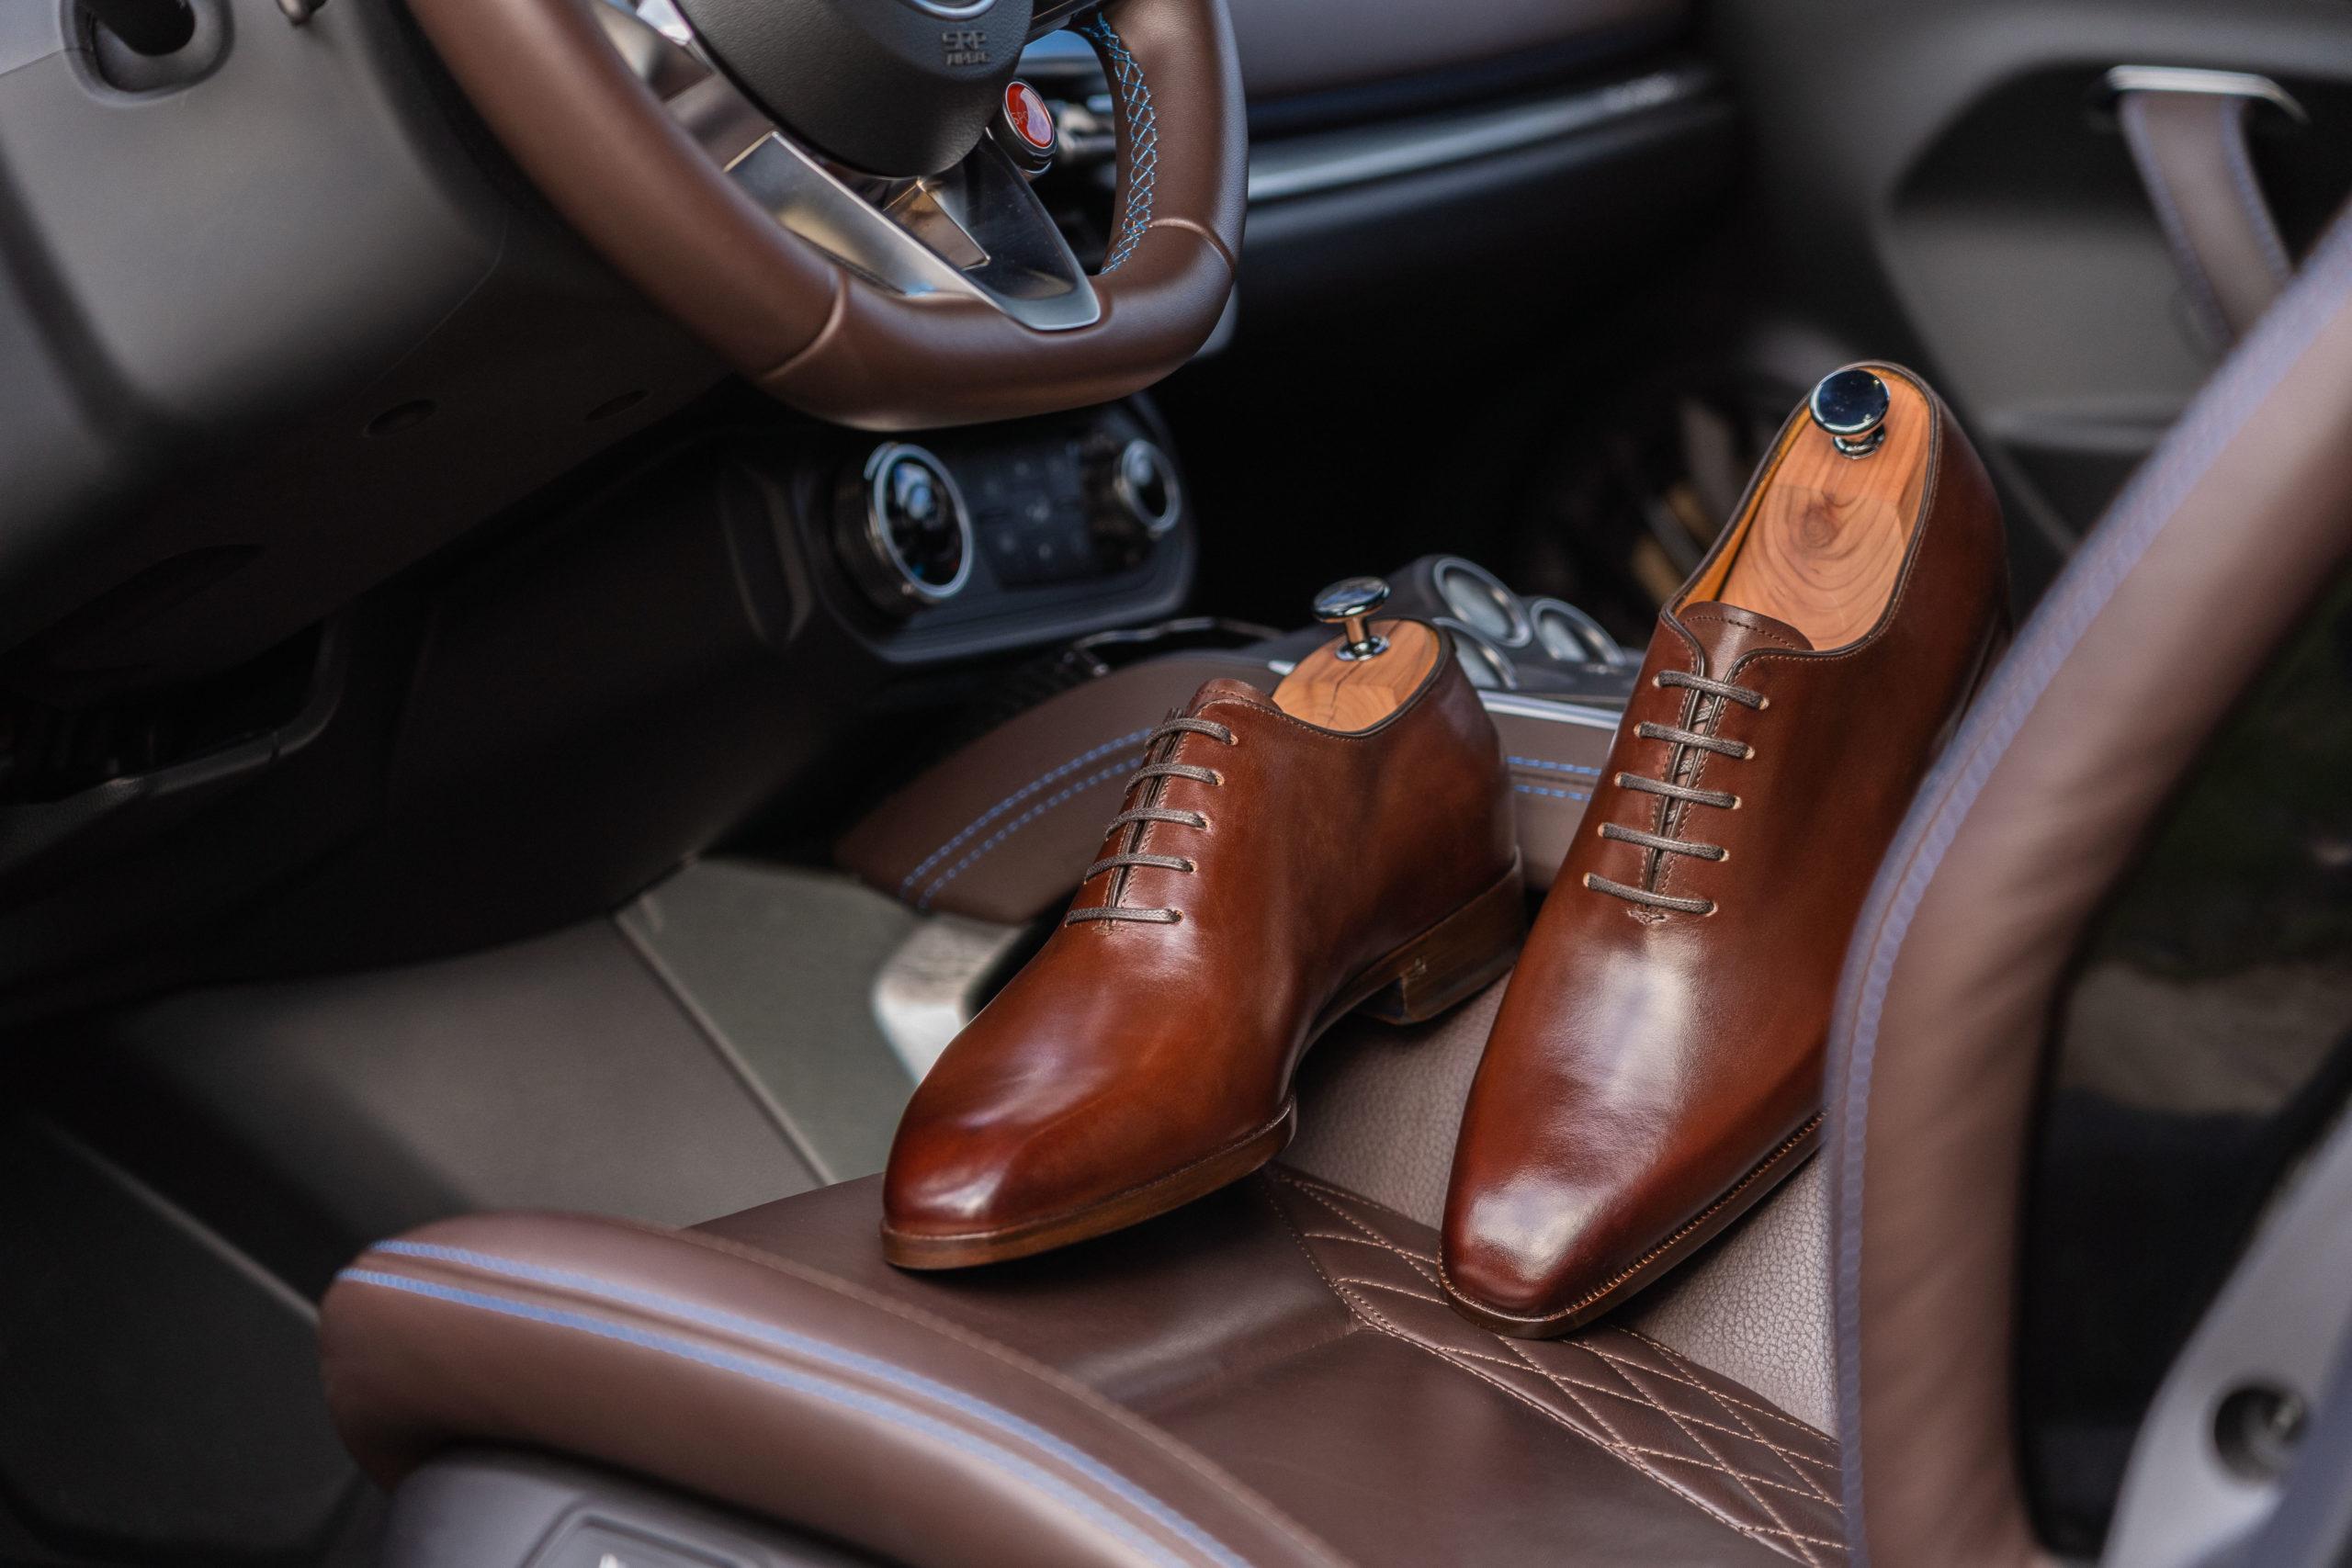 alpine, a110, alpine A110, voiture de sport, clémence de bernis, in corio, chaussures de luxe, chaussures en cuir, chaussures homme, concours, jeu-concours